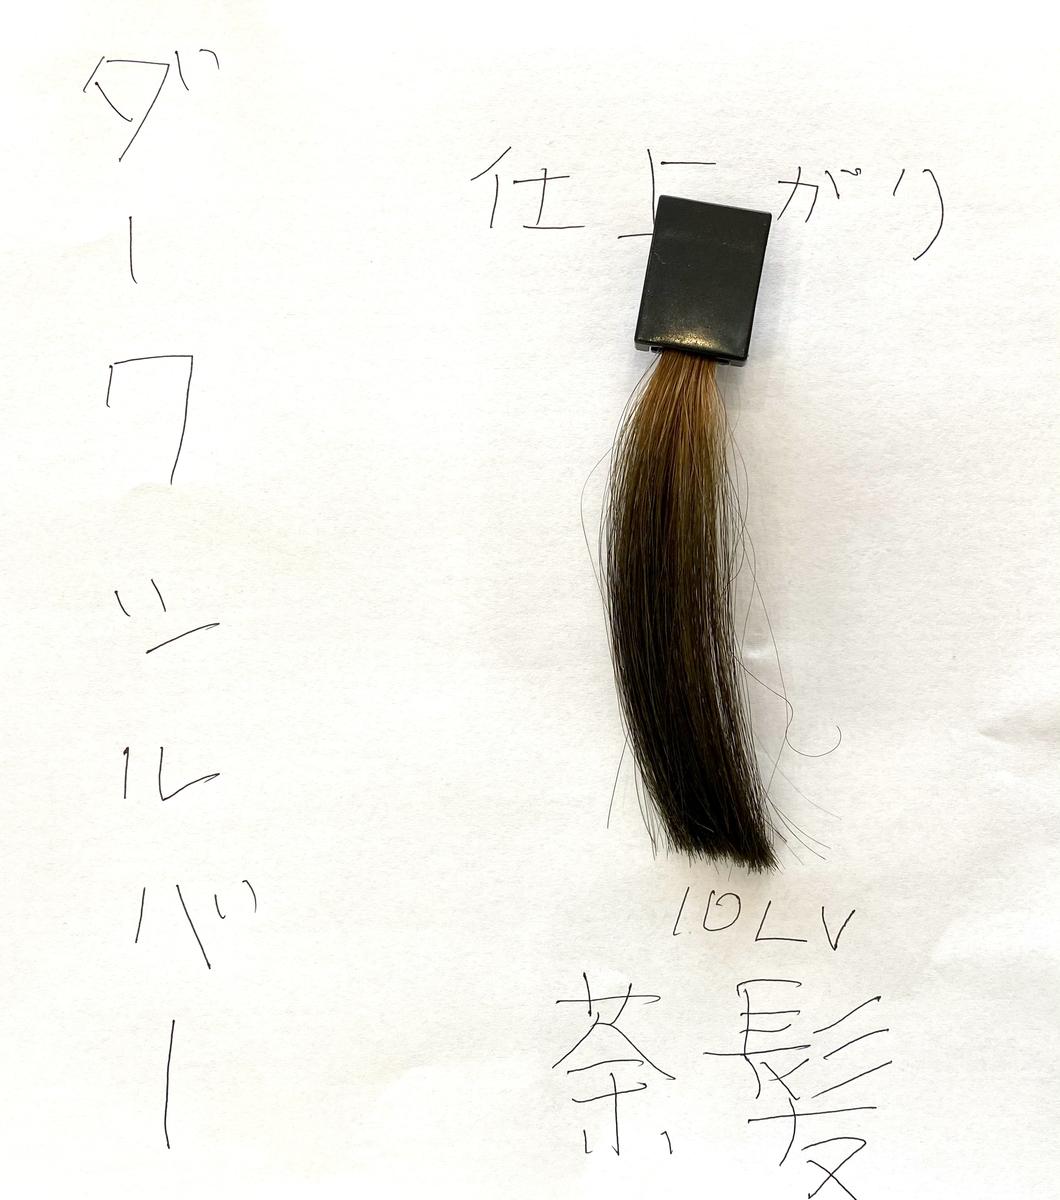 ダークシルバーで染めた後の茶髪の毛束